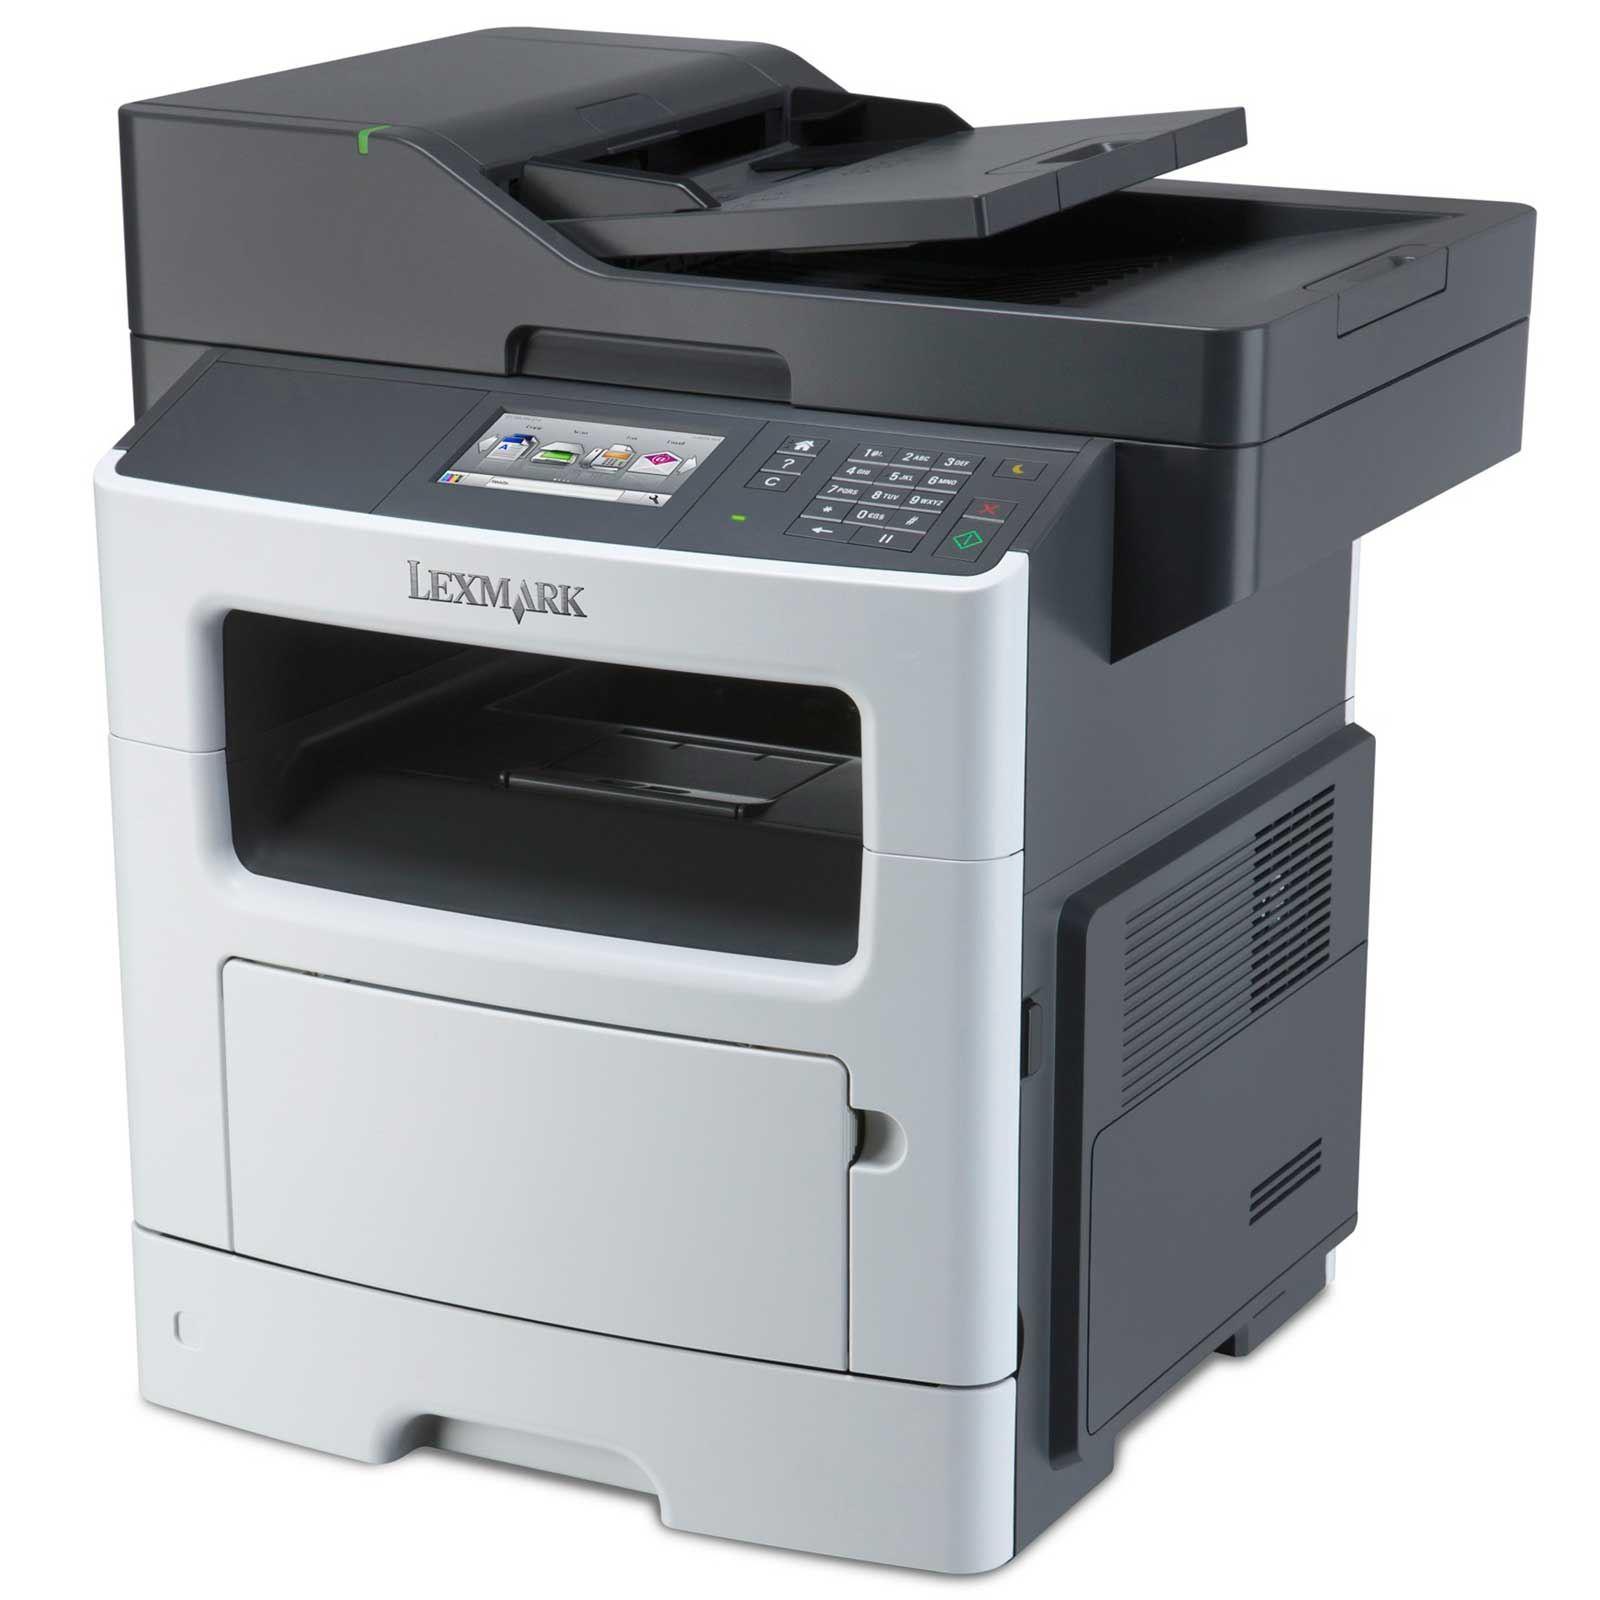 Lexmark Mx510de Multifunction Printer Copyfaxes